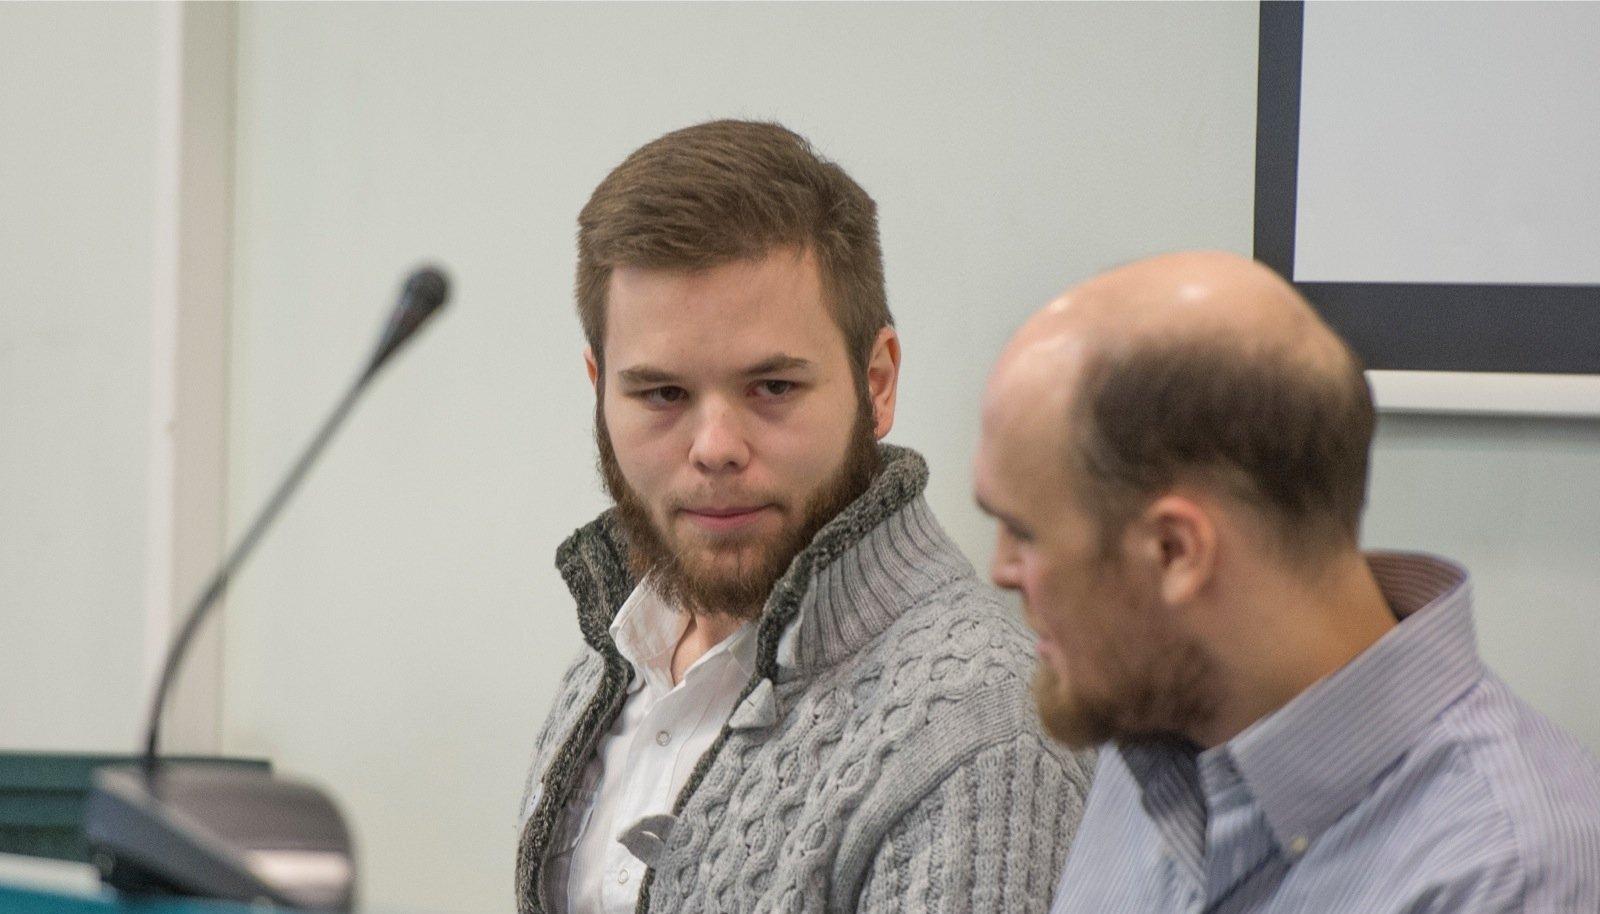 Kohtus on Ramil Khalilov (vasakul) ja Roman Manko öelnud, et ei olnud Sazanakovi tegemistest teadlikud ja aitasid usuvenda oma kommete kohaselt.